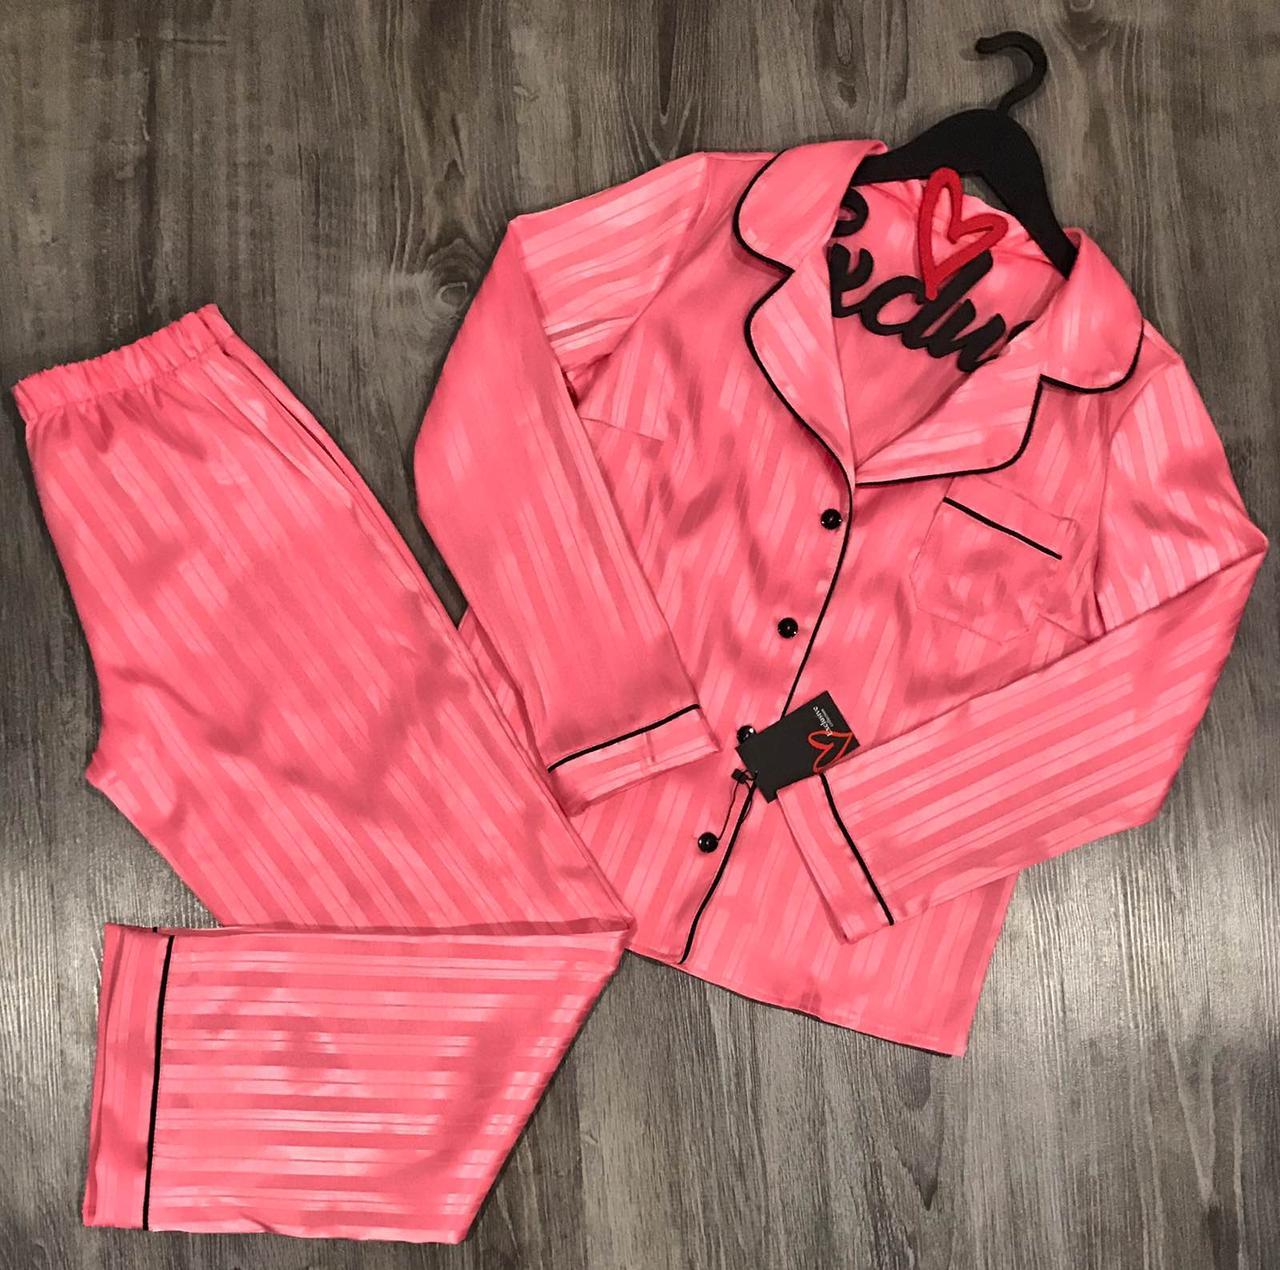 Персиковый атласный комплект женской одежды для дома Рубашка + штаны с кантом.